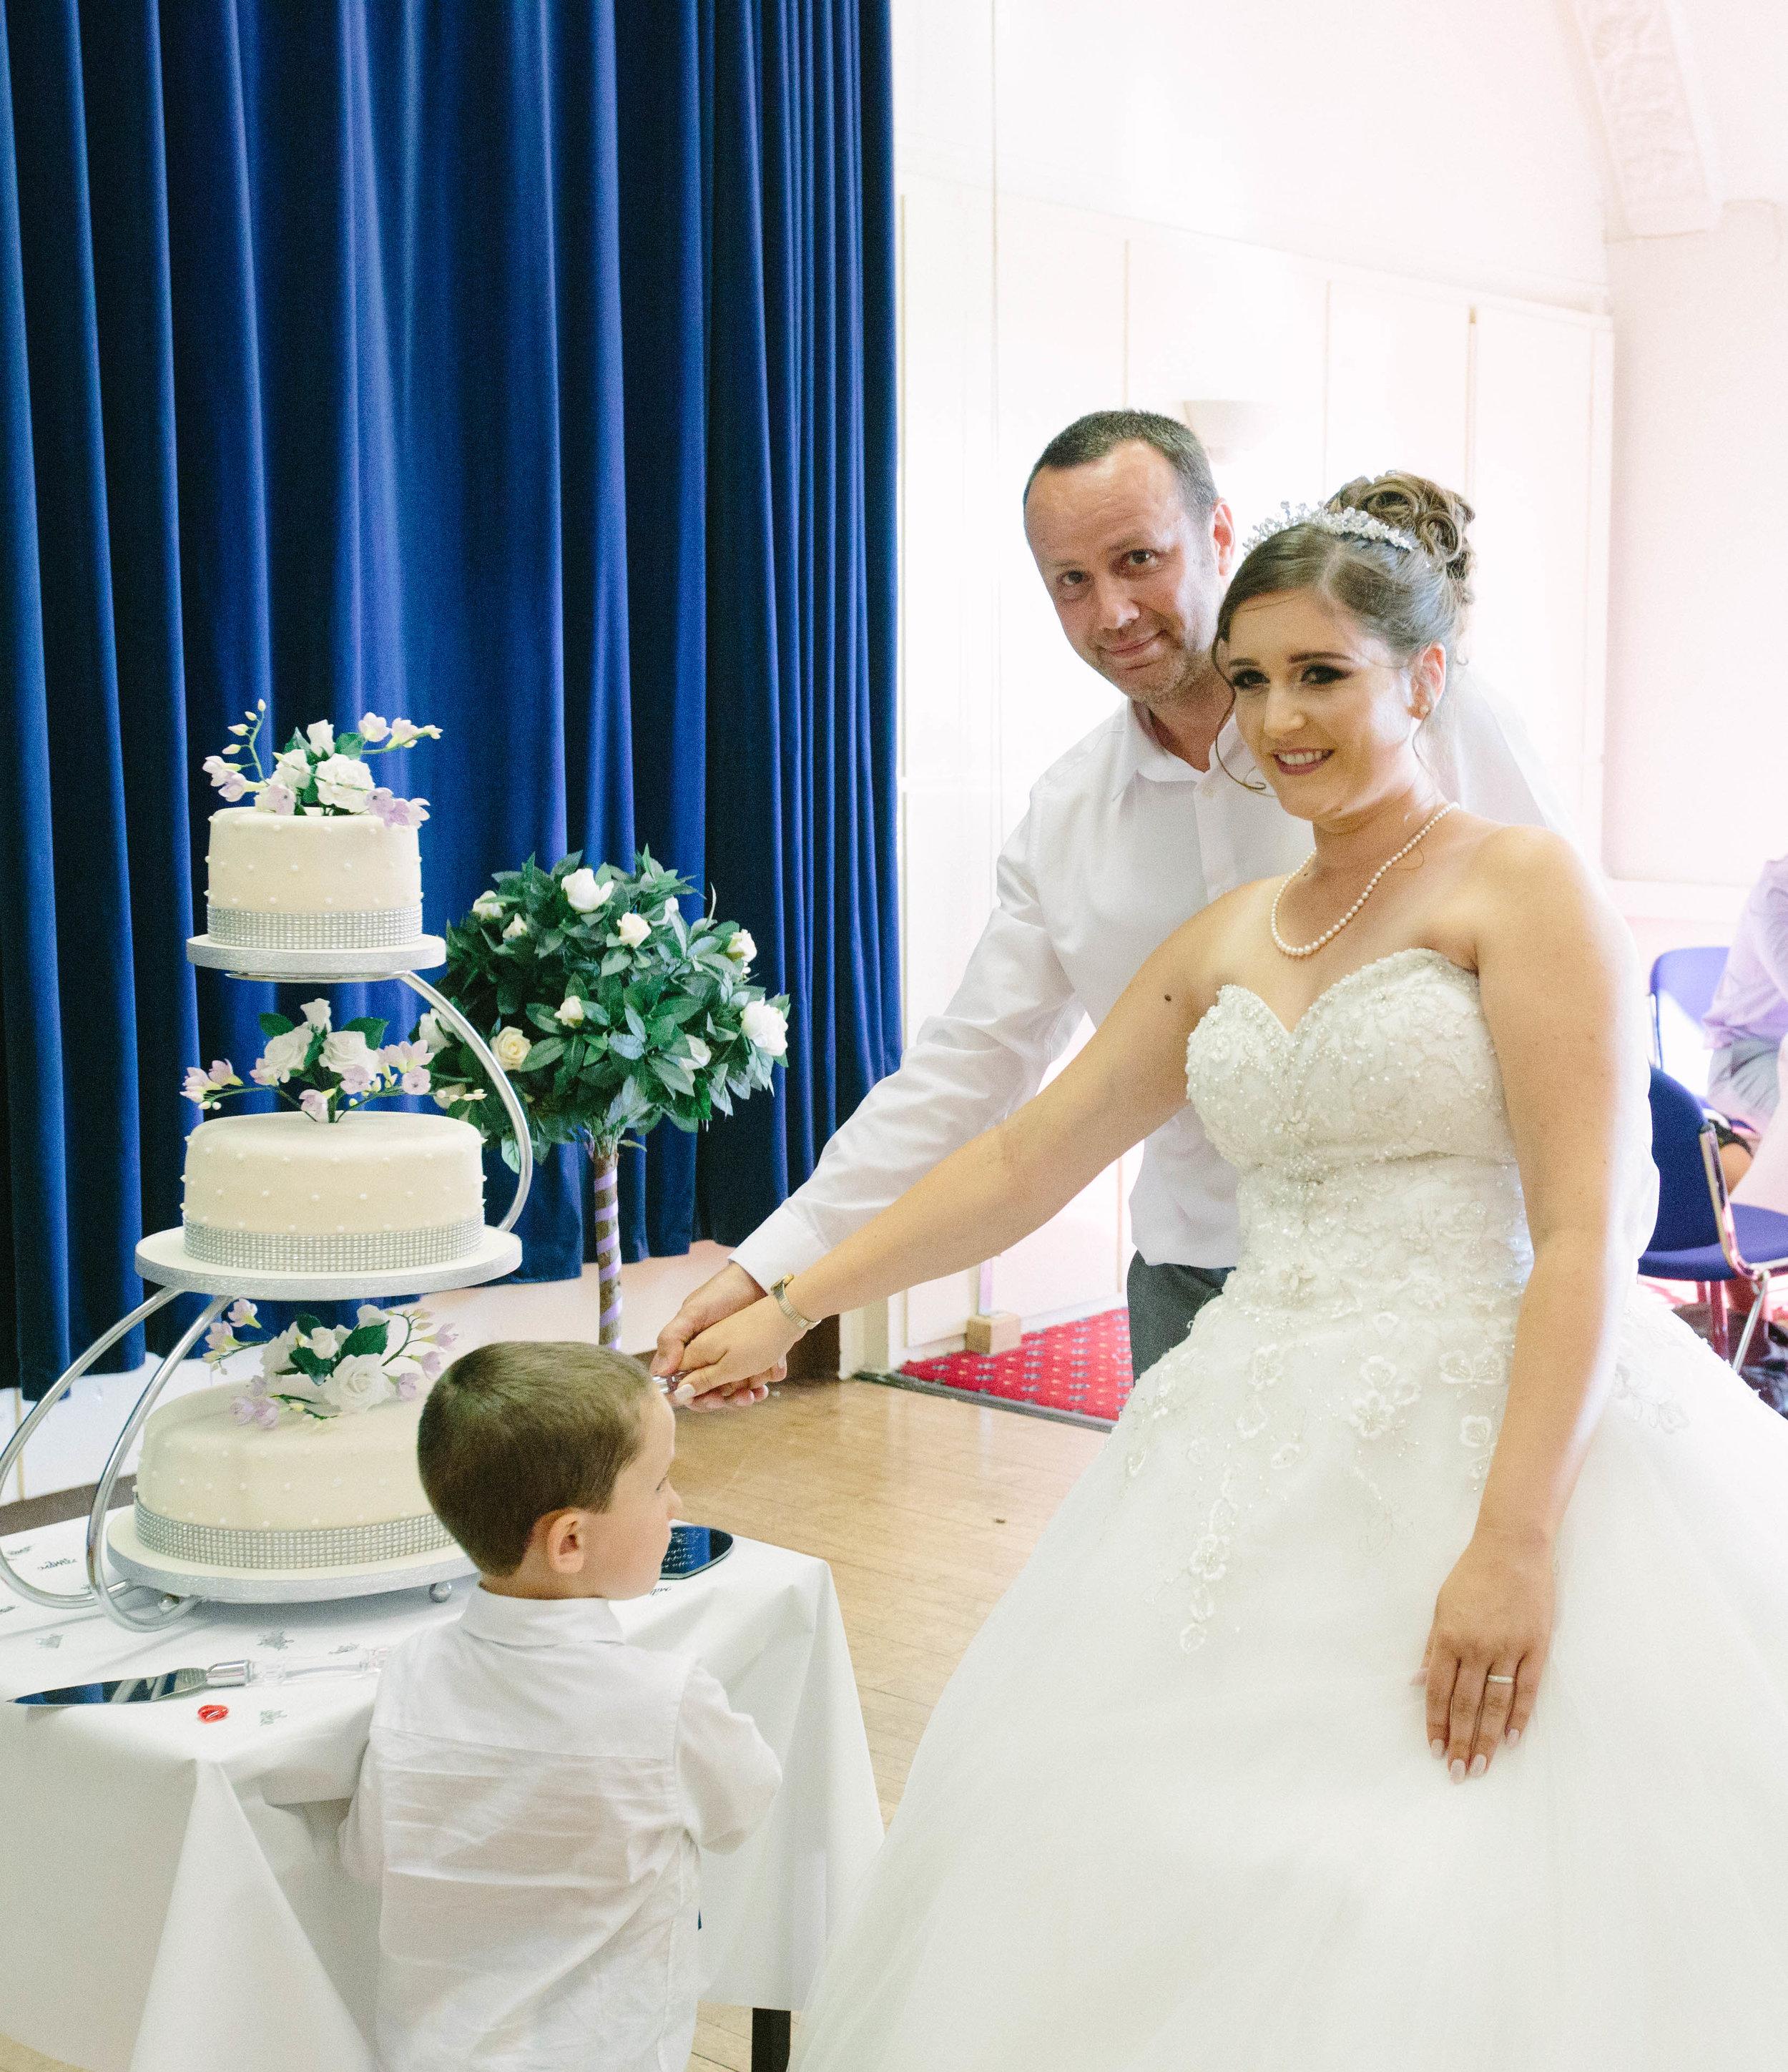 HamptonCourt-Wedding-Weybridge-Surrey-London-OatlandsParkHotel-41